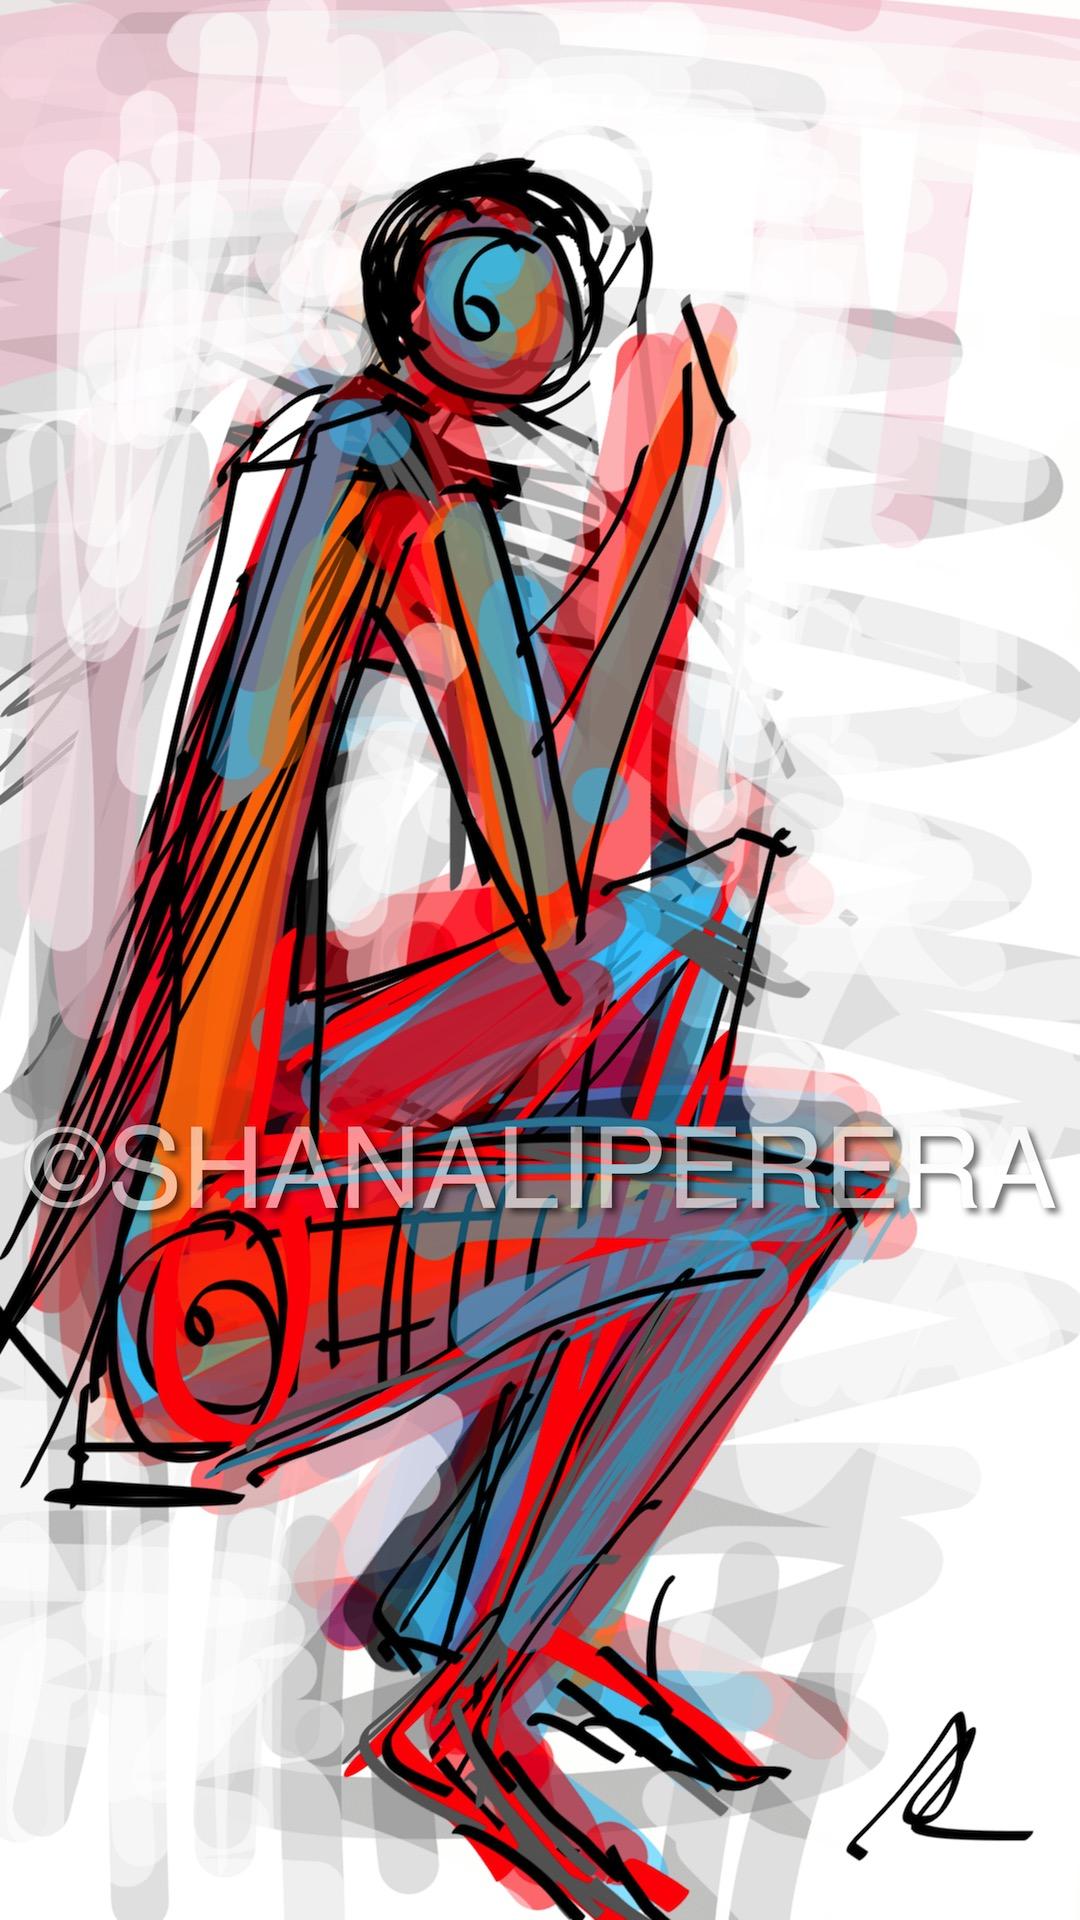 sketch-1486898629178.jpg